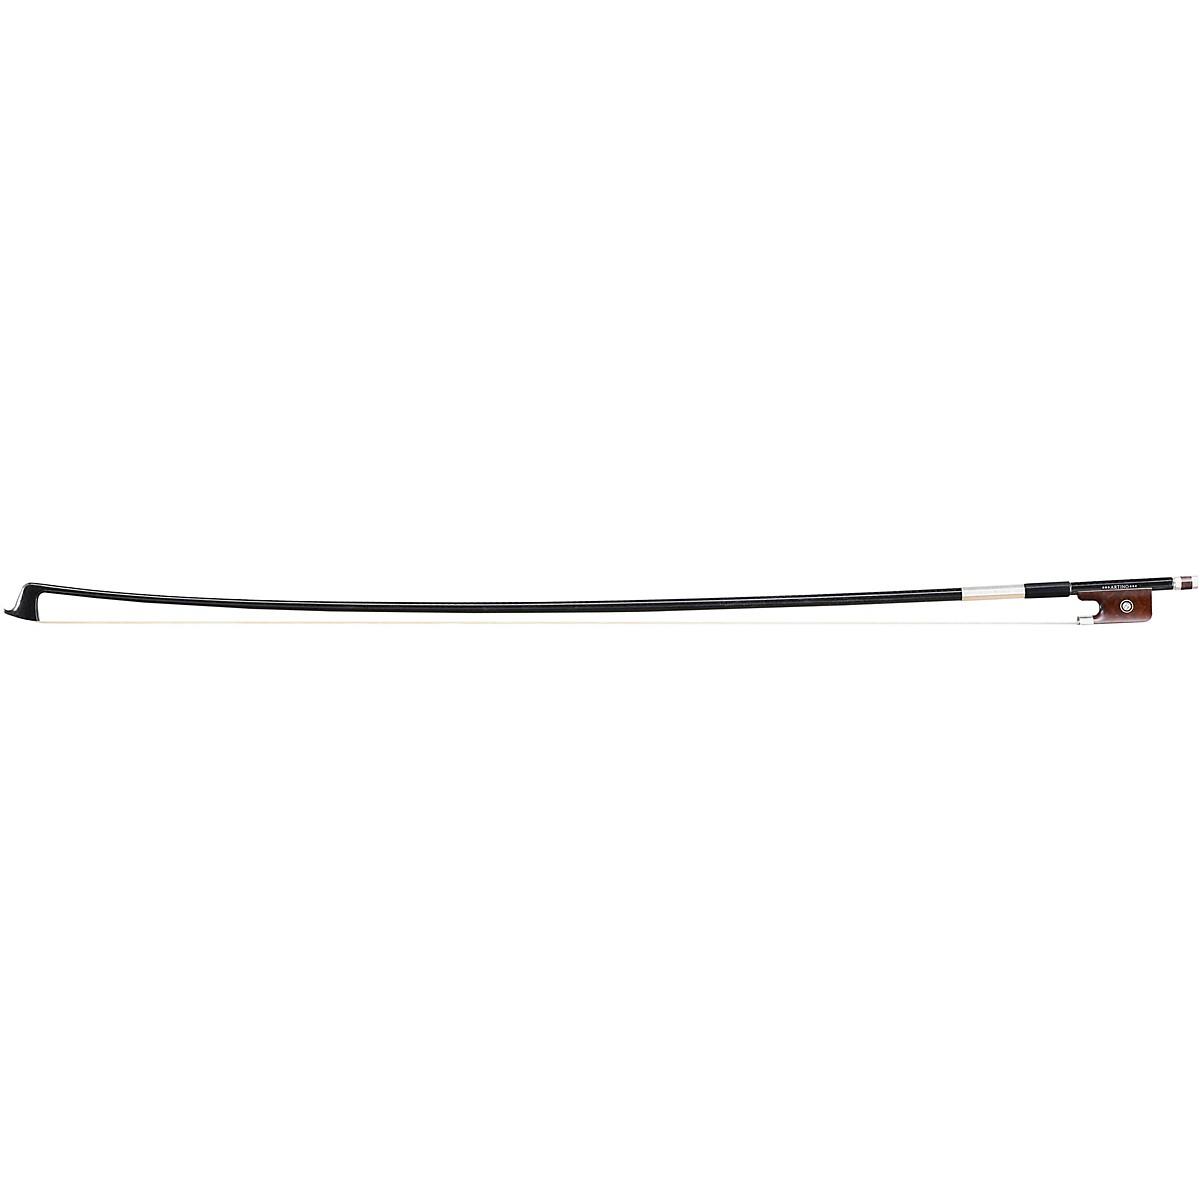 Artino Three Star Deluxe Carbon Fiber Viola Bow